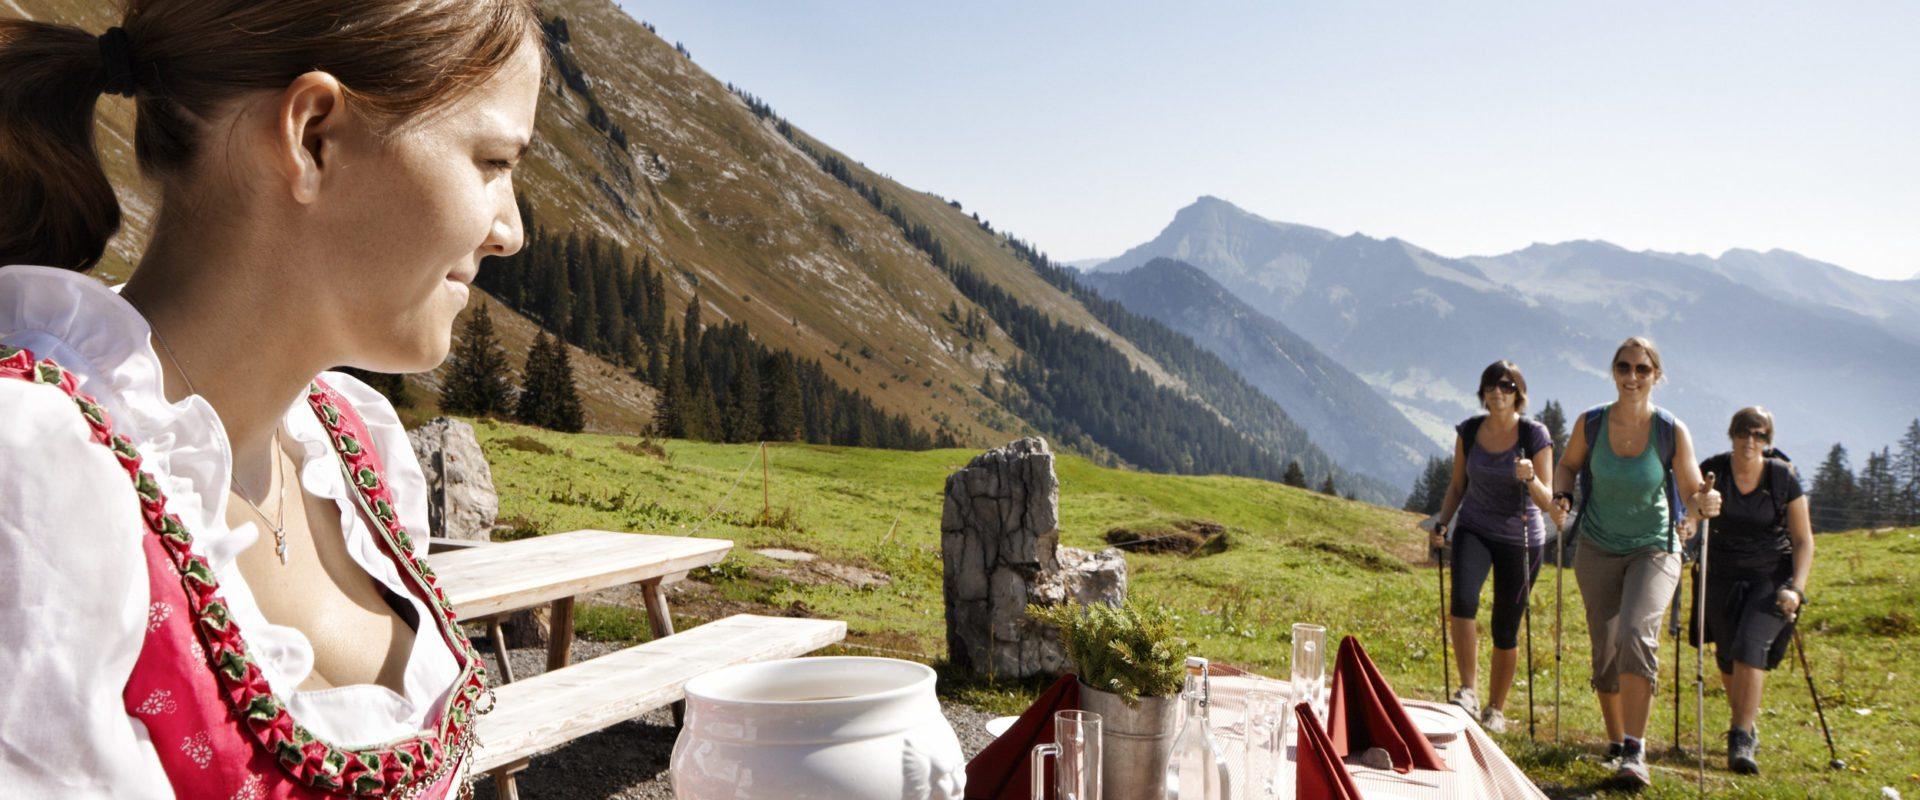 Kulinarisch wandern - Mellau © Adolf Bereuter / Bregenzerwald Tourismus